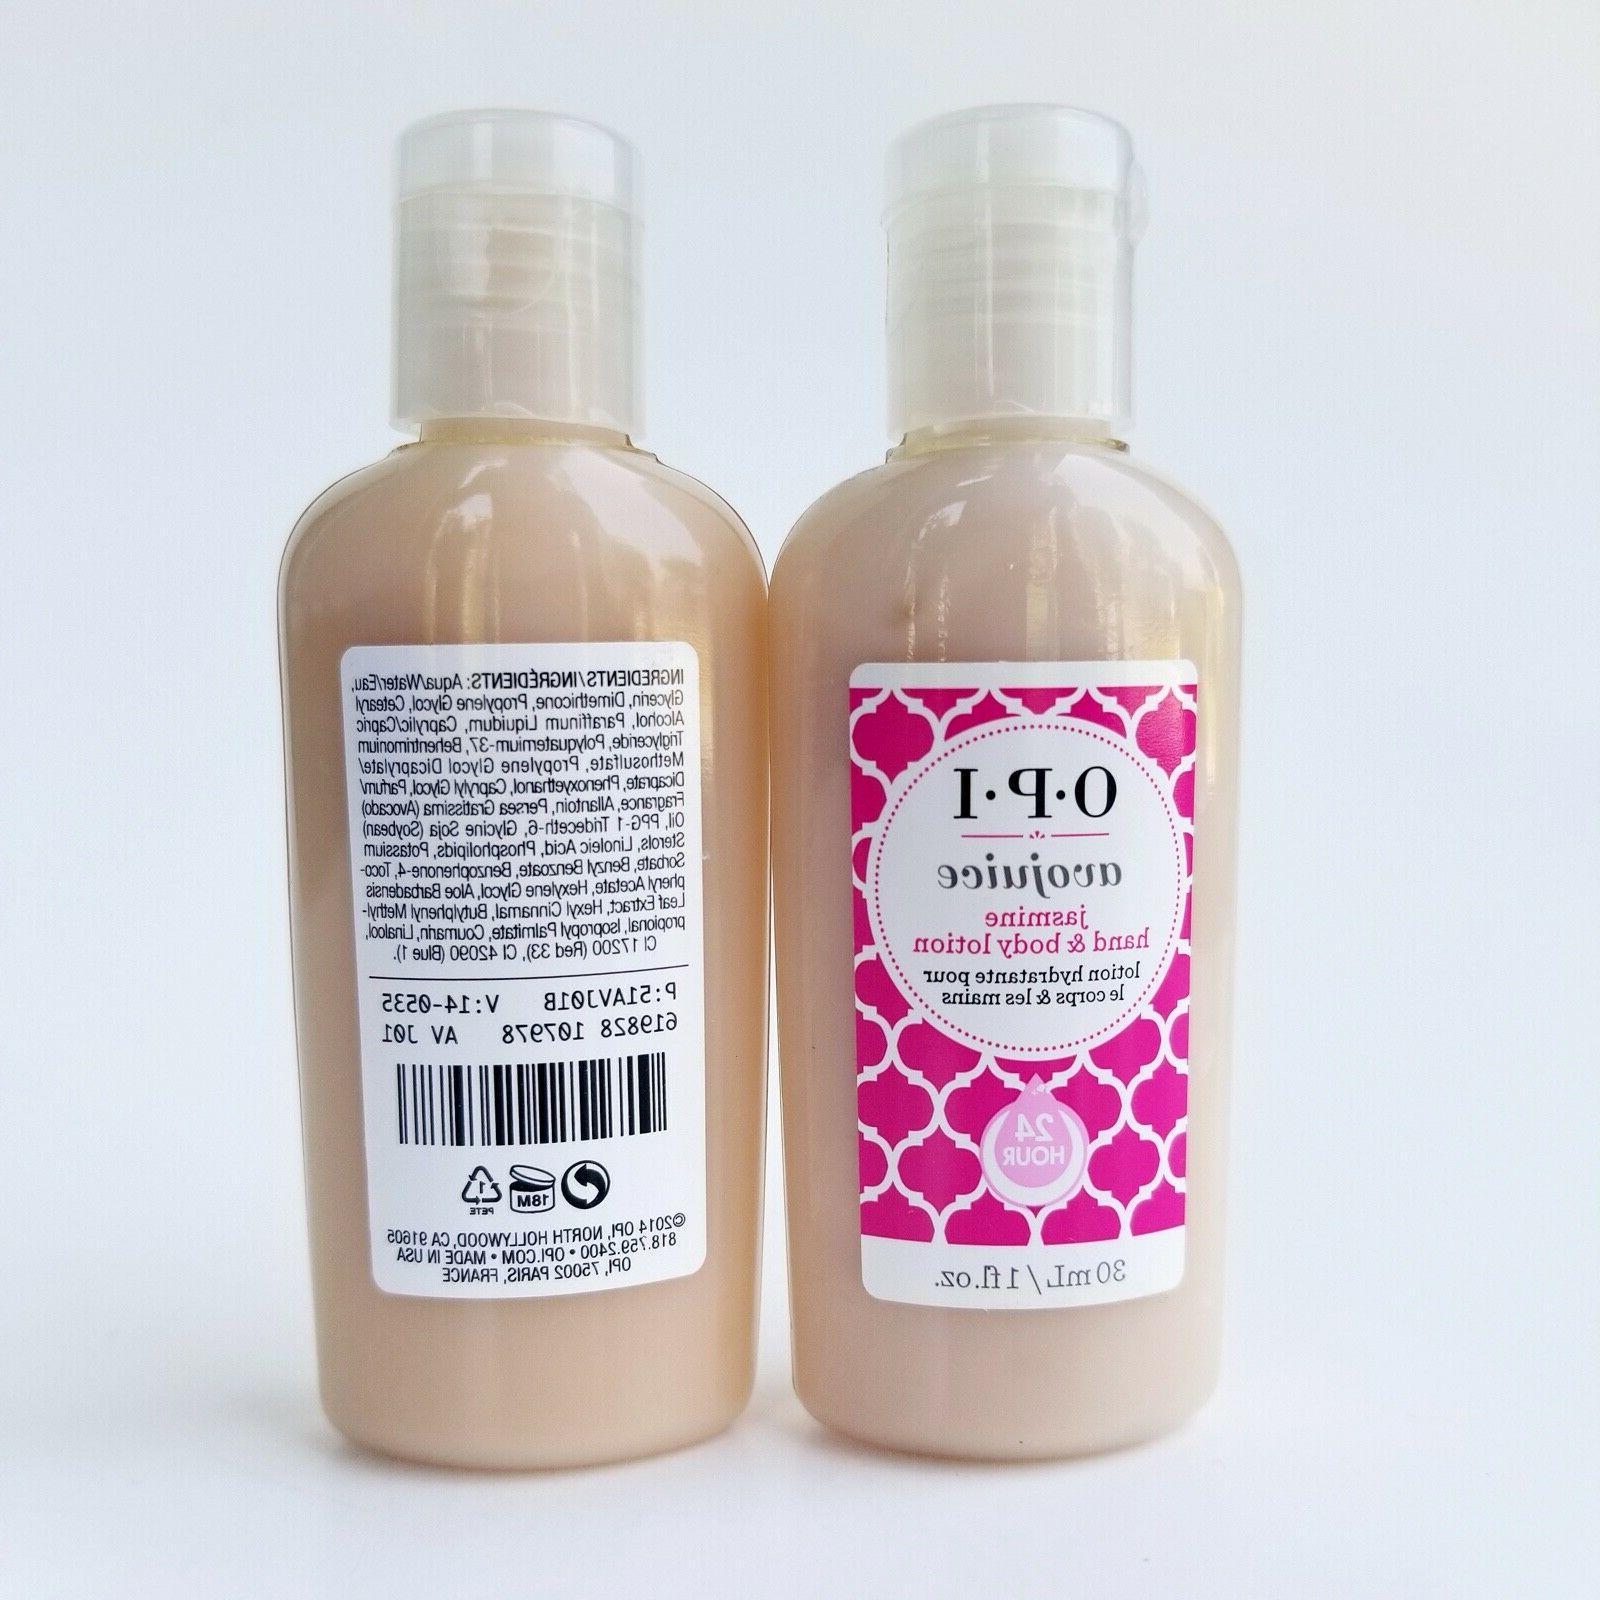 OPI Skin Quenchers Hand MINI Travel size 1fl.oz -> Pick